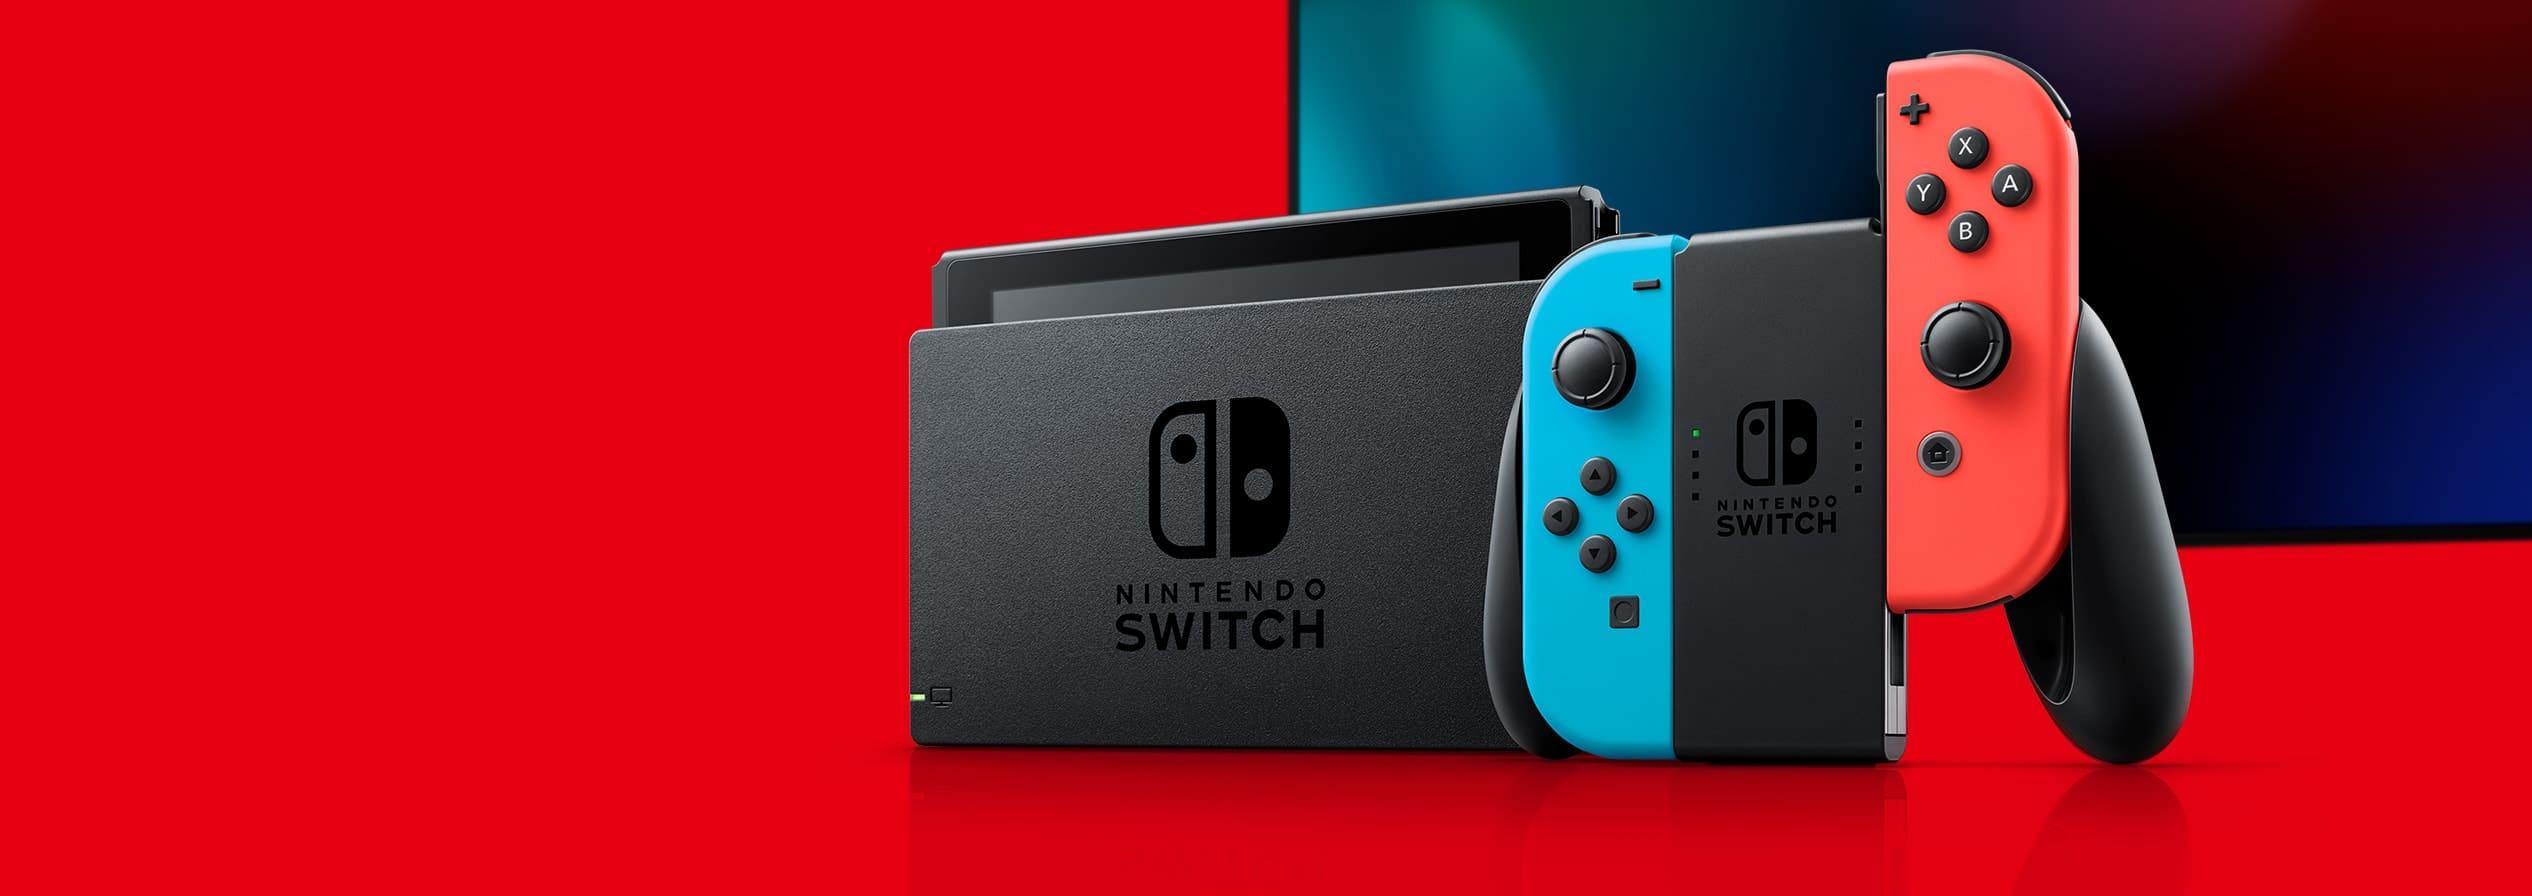 Nintendo Switch w wariancie z niebiesko-czerwonymi joy conami